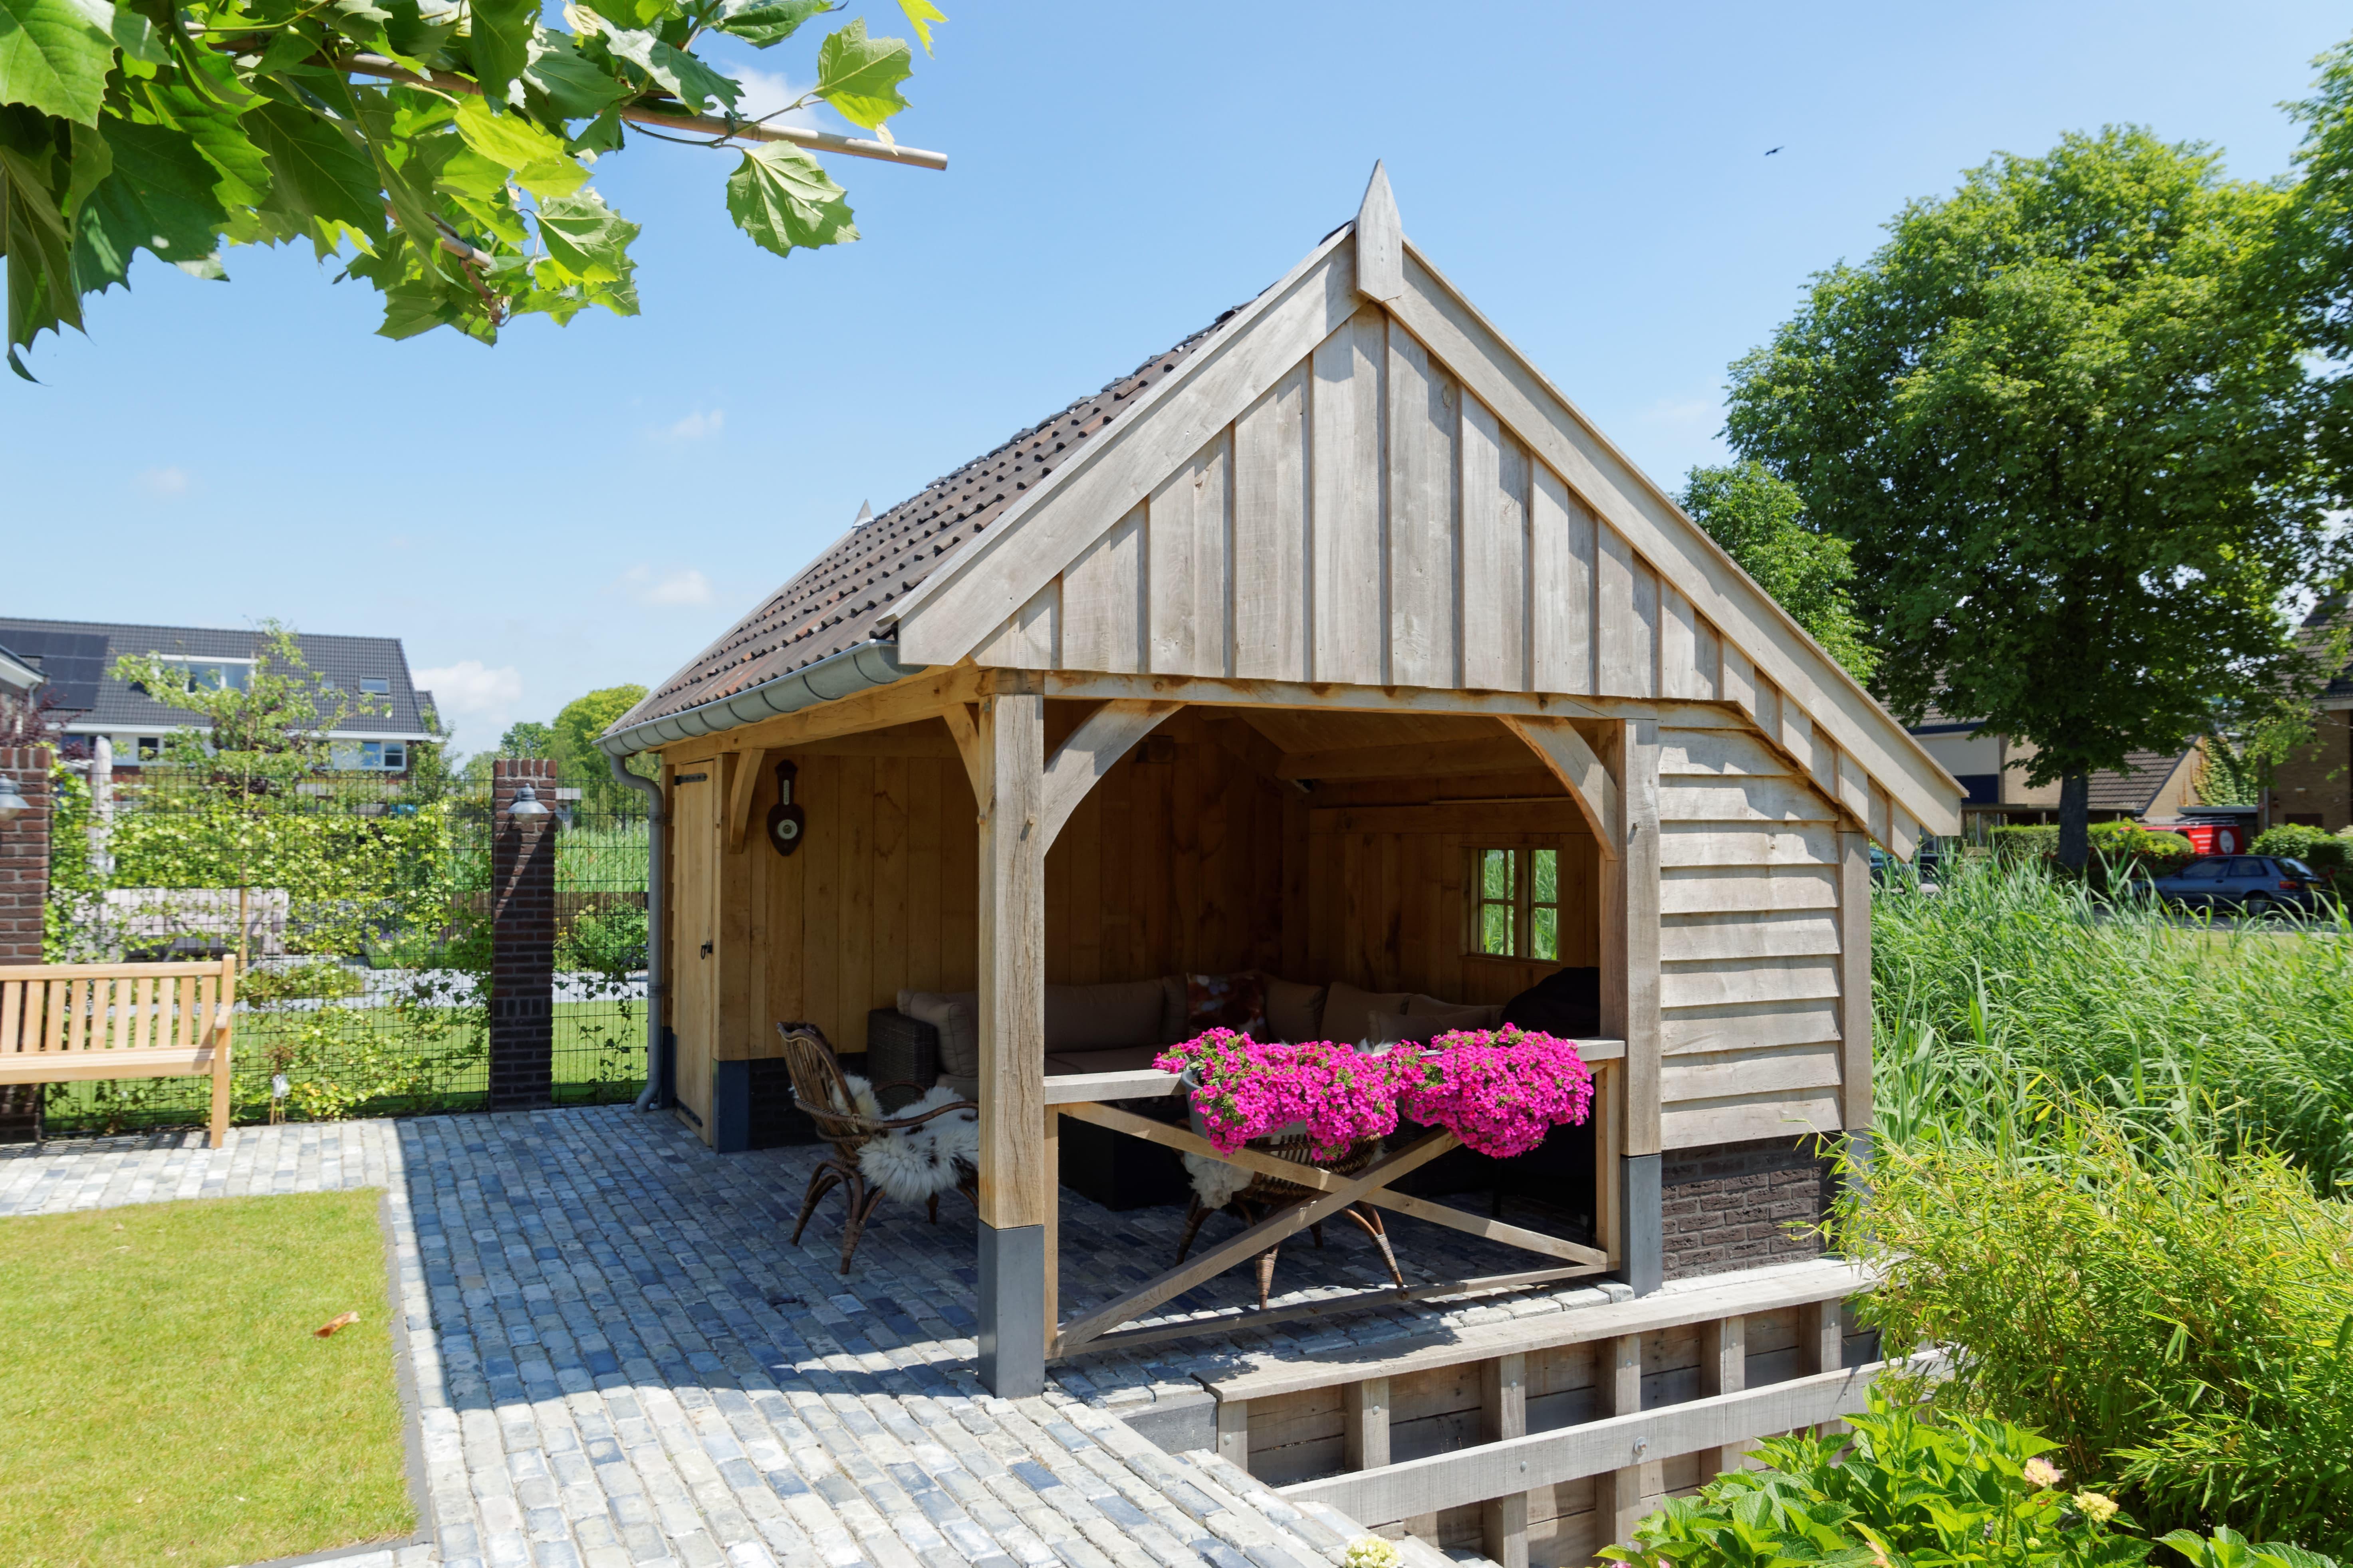 houten-kapschuur-met-tuinkamer-4-min - Project: Maassluis